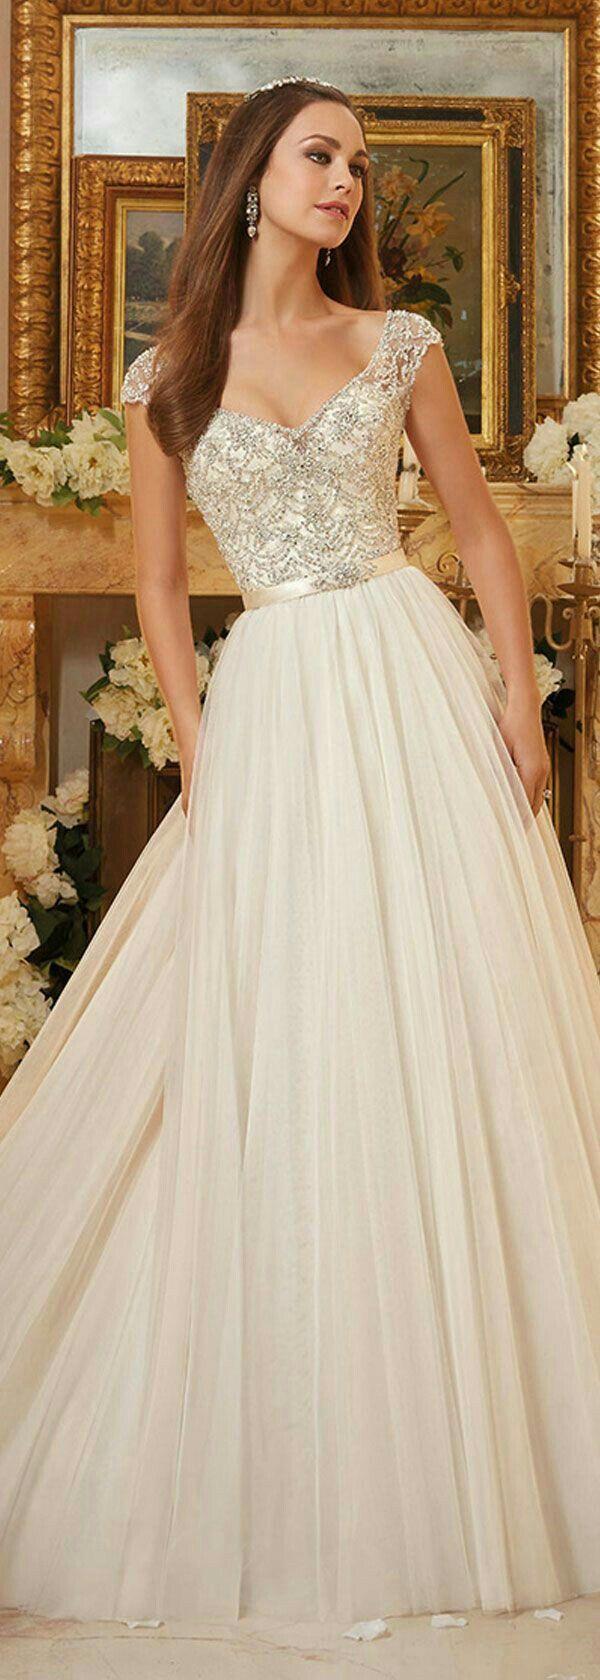 pinchristine leierseder on (novias) | ball gown wedding